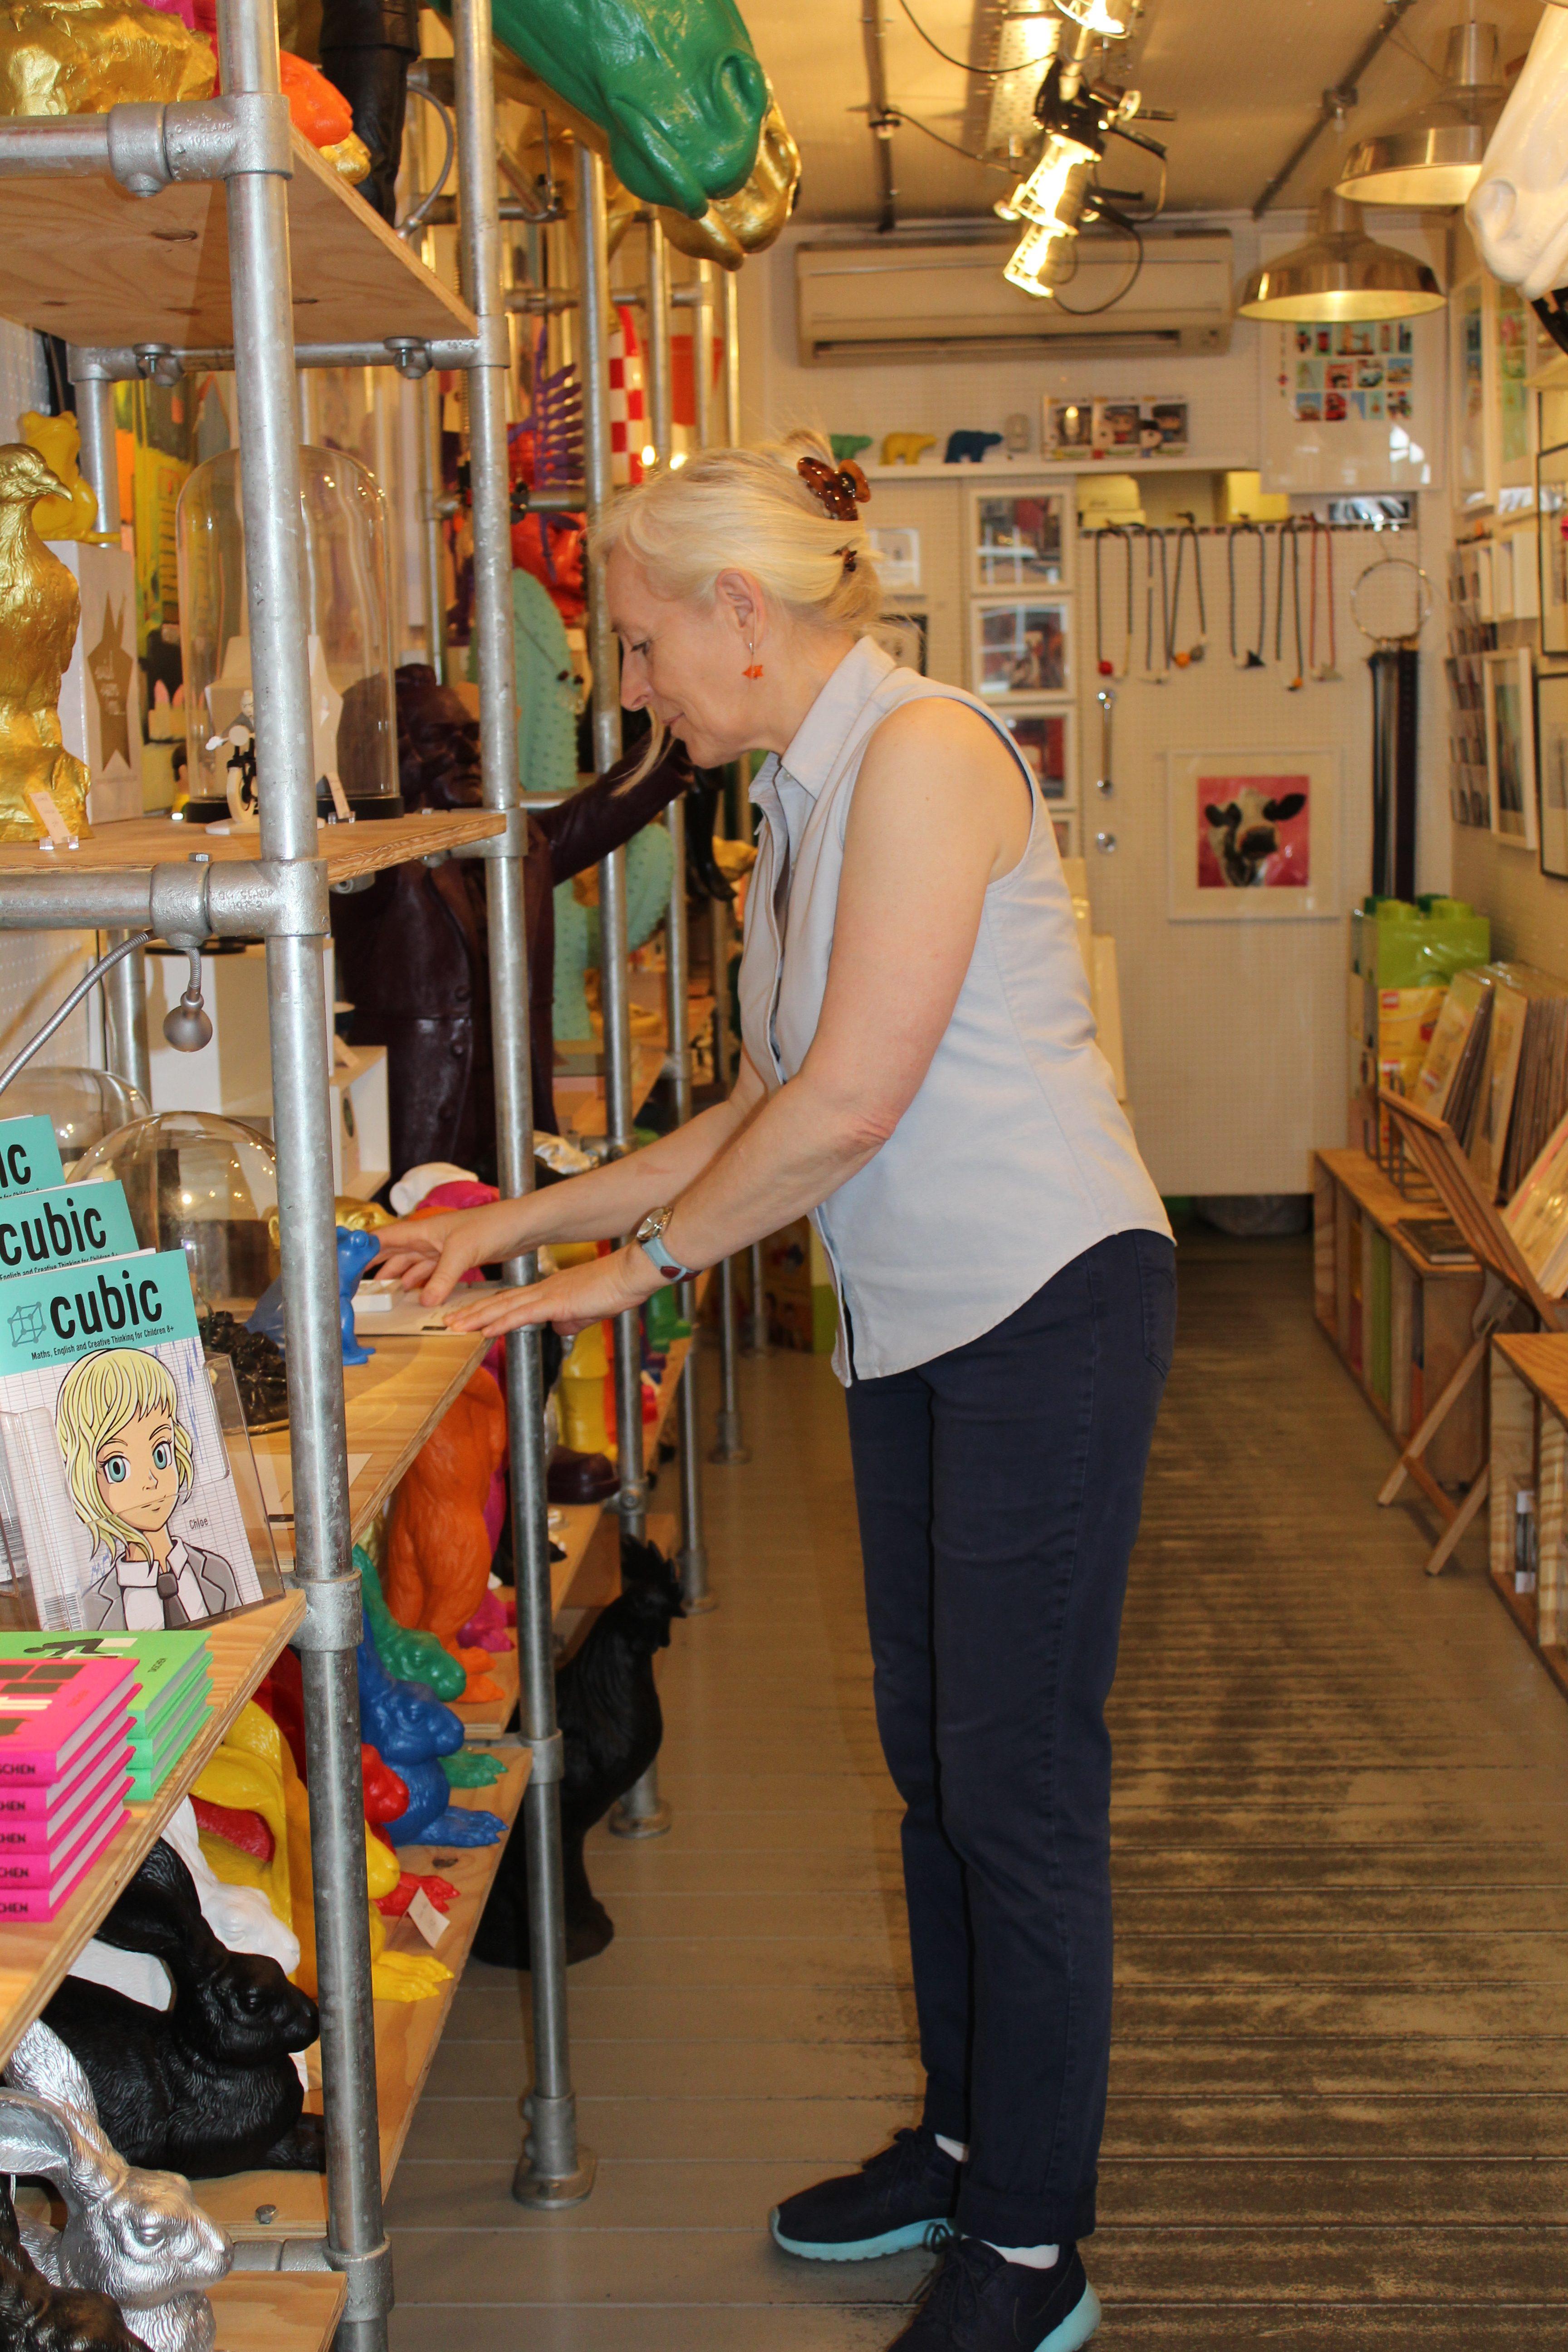 Entrepreneur Elizabeth Hirst working in her store, Tusch Und Egon. Photo by Carley Lerner